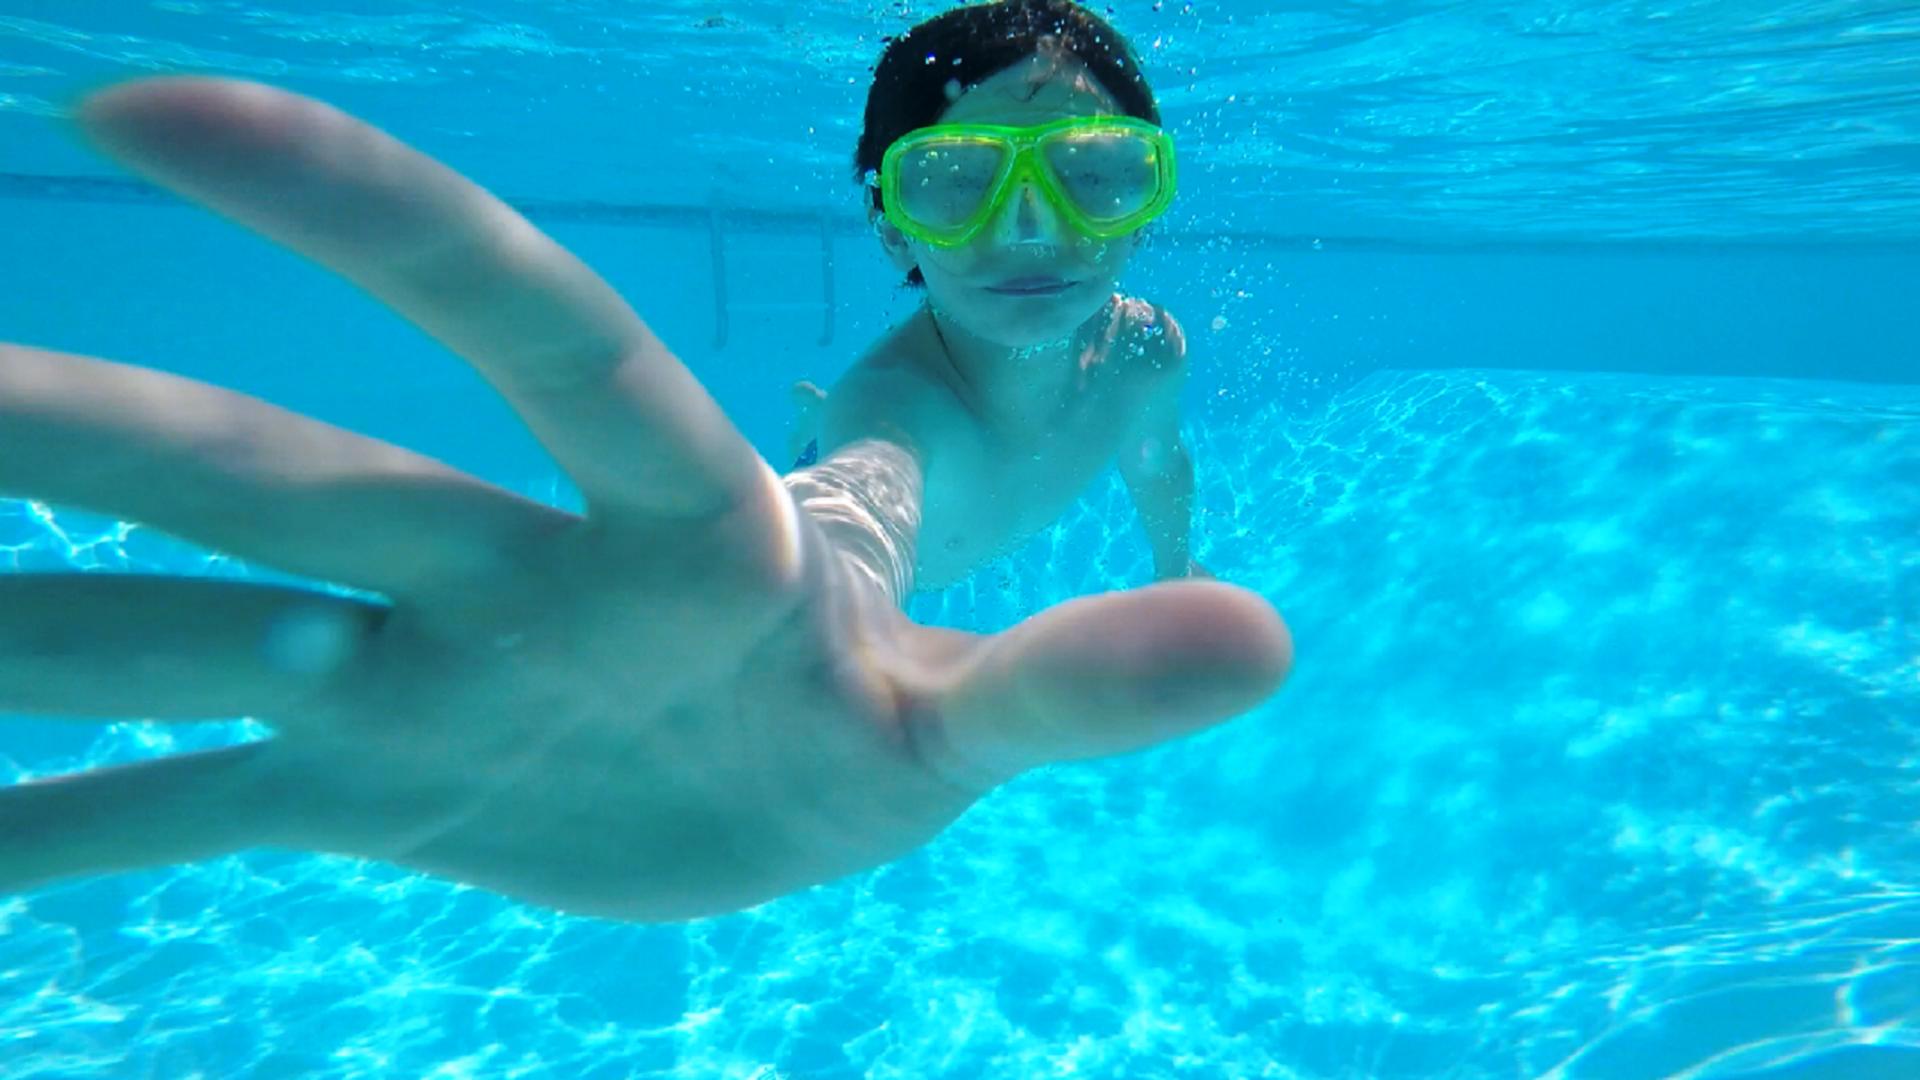 Underwater fun! | jennaklomparens, enjoyment, goggles, leisure